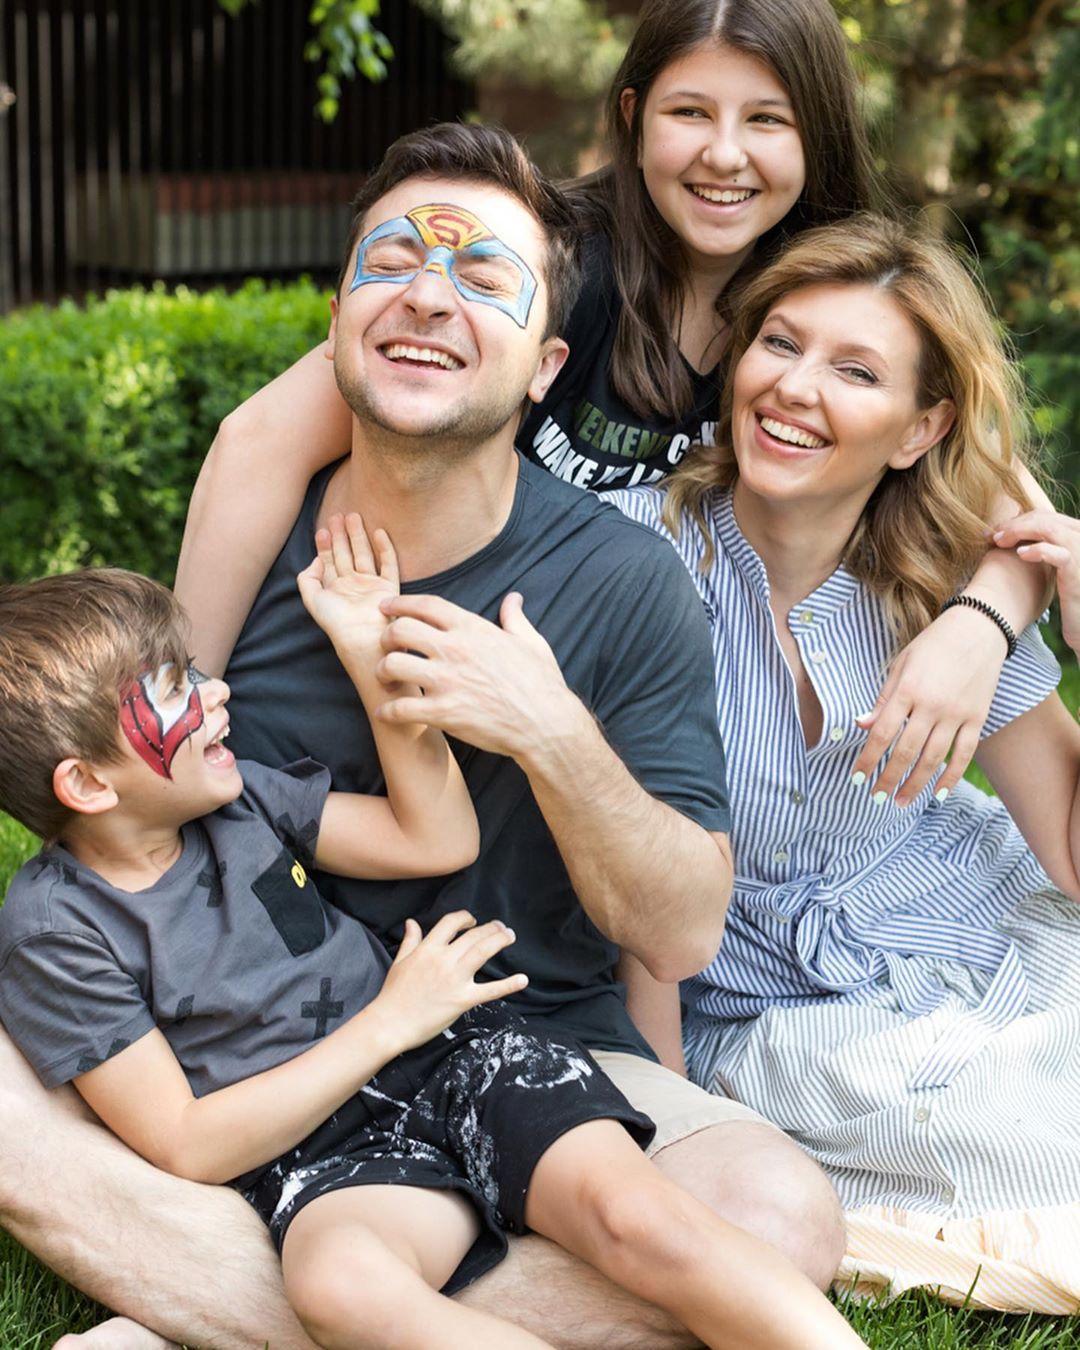 Зеленский признал, что публичность и меры безопасности во многом нежелательны для его семьи / фото instagram.com/olenazelenska_official/